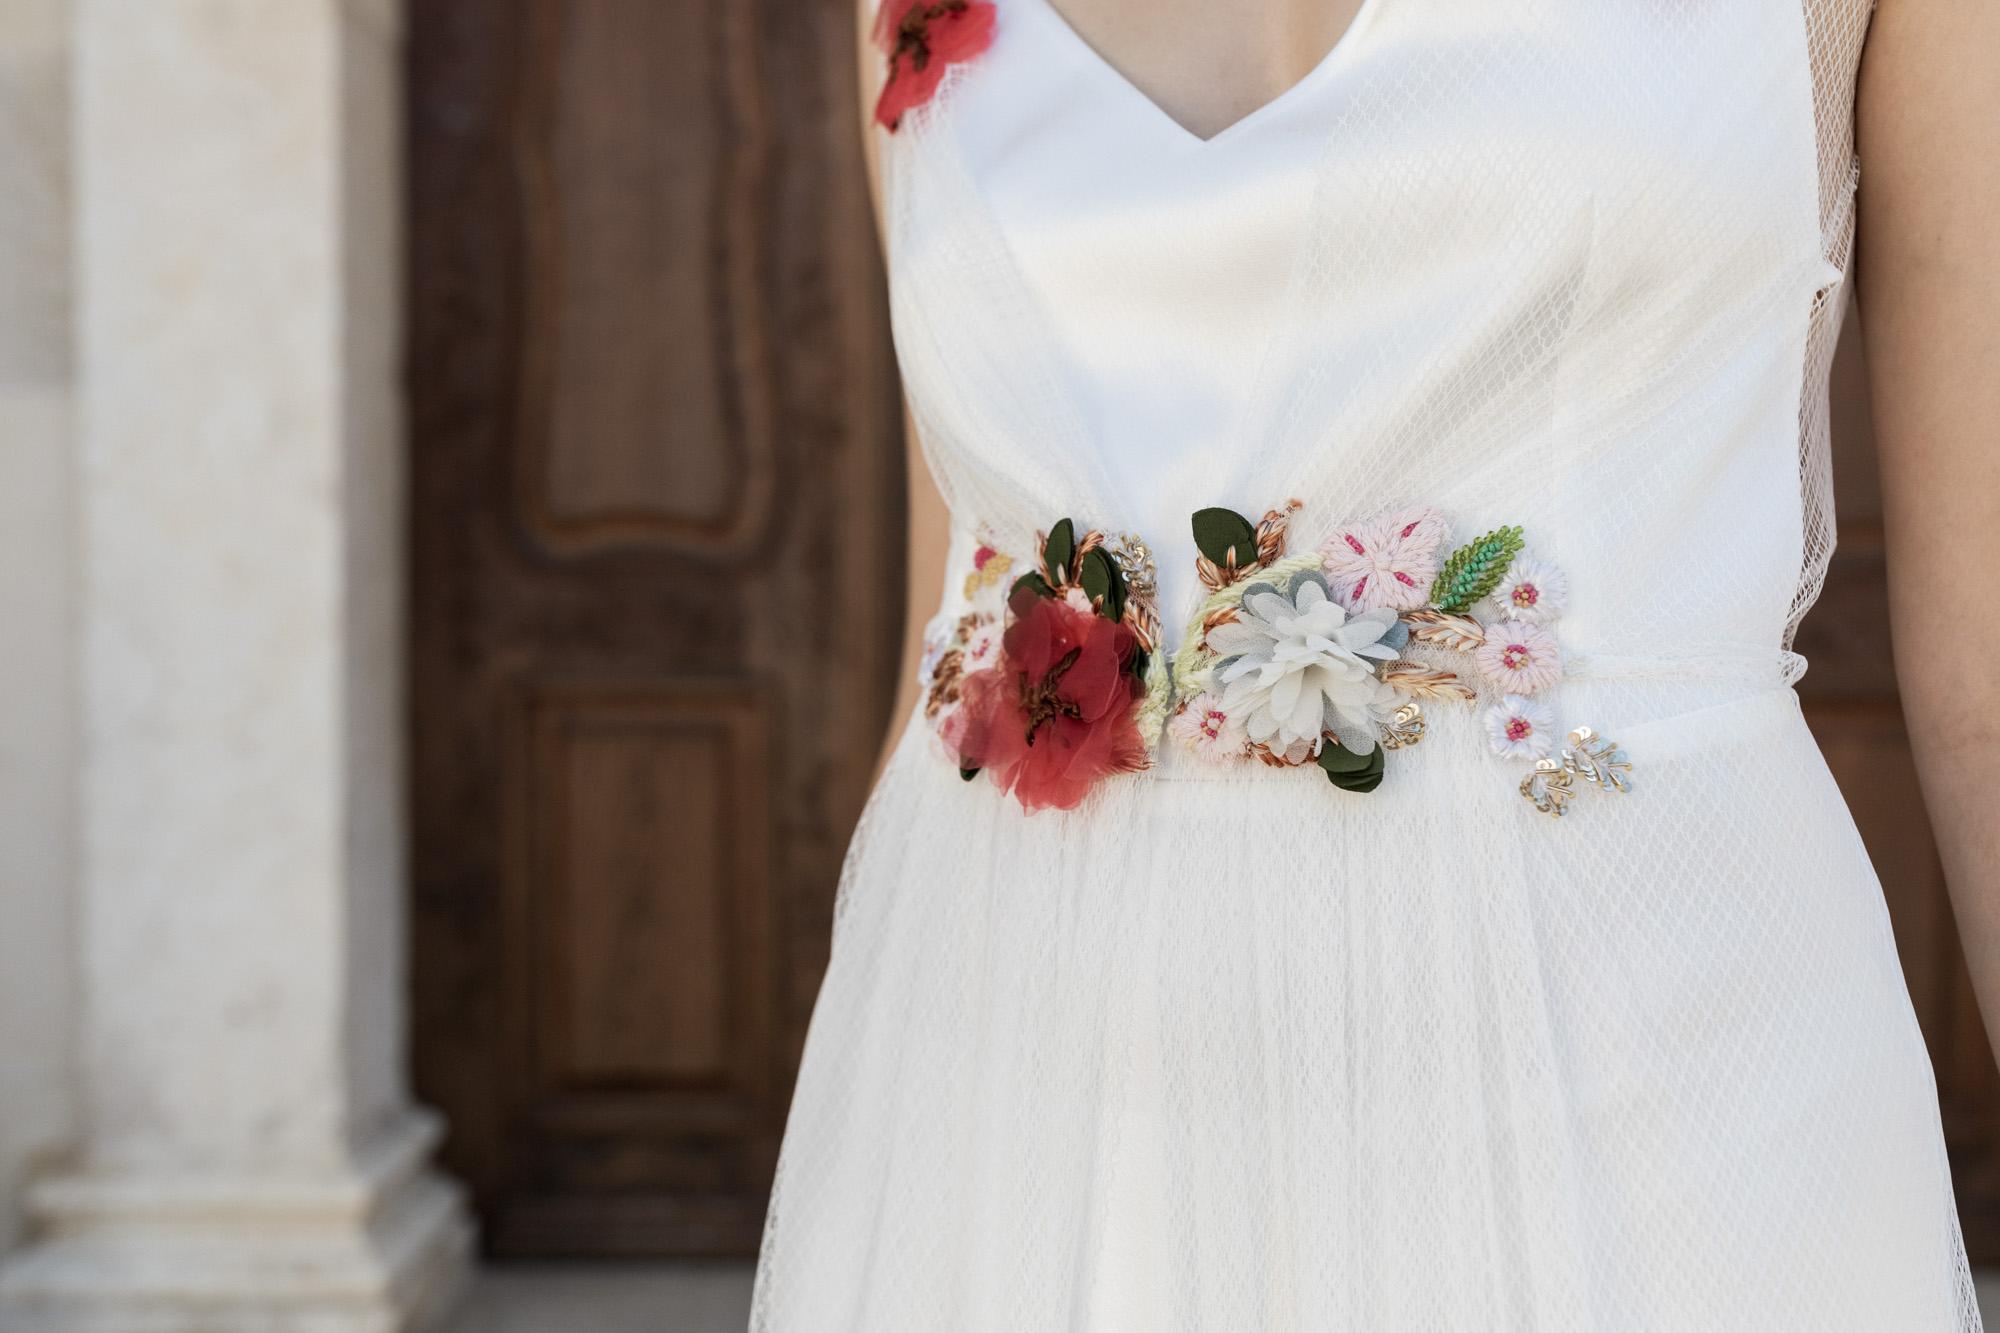 Detailbild vom Brautkleid